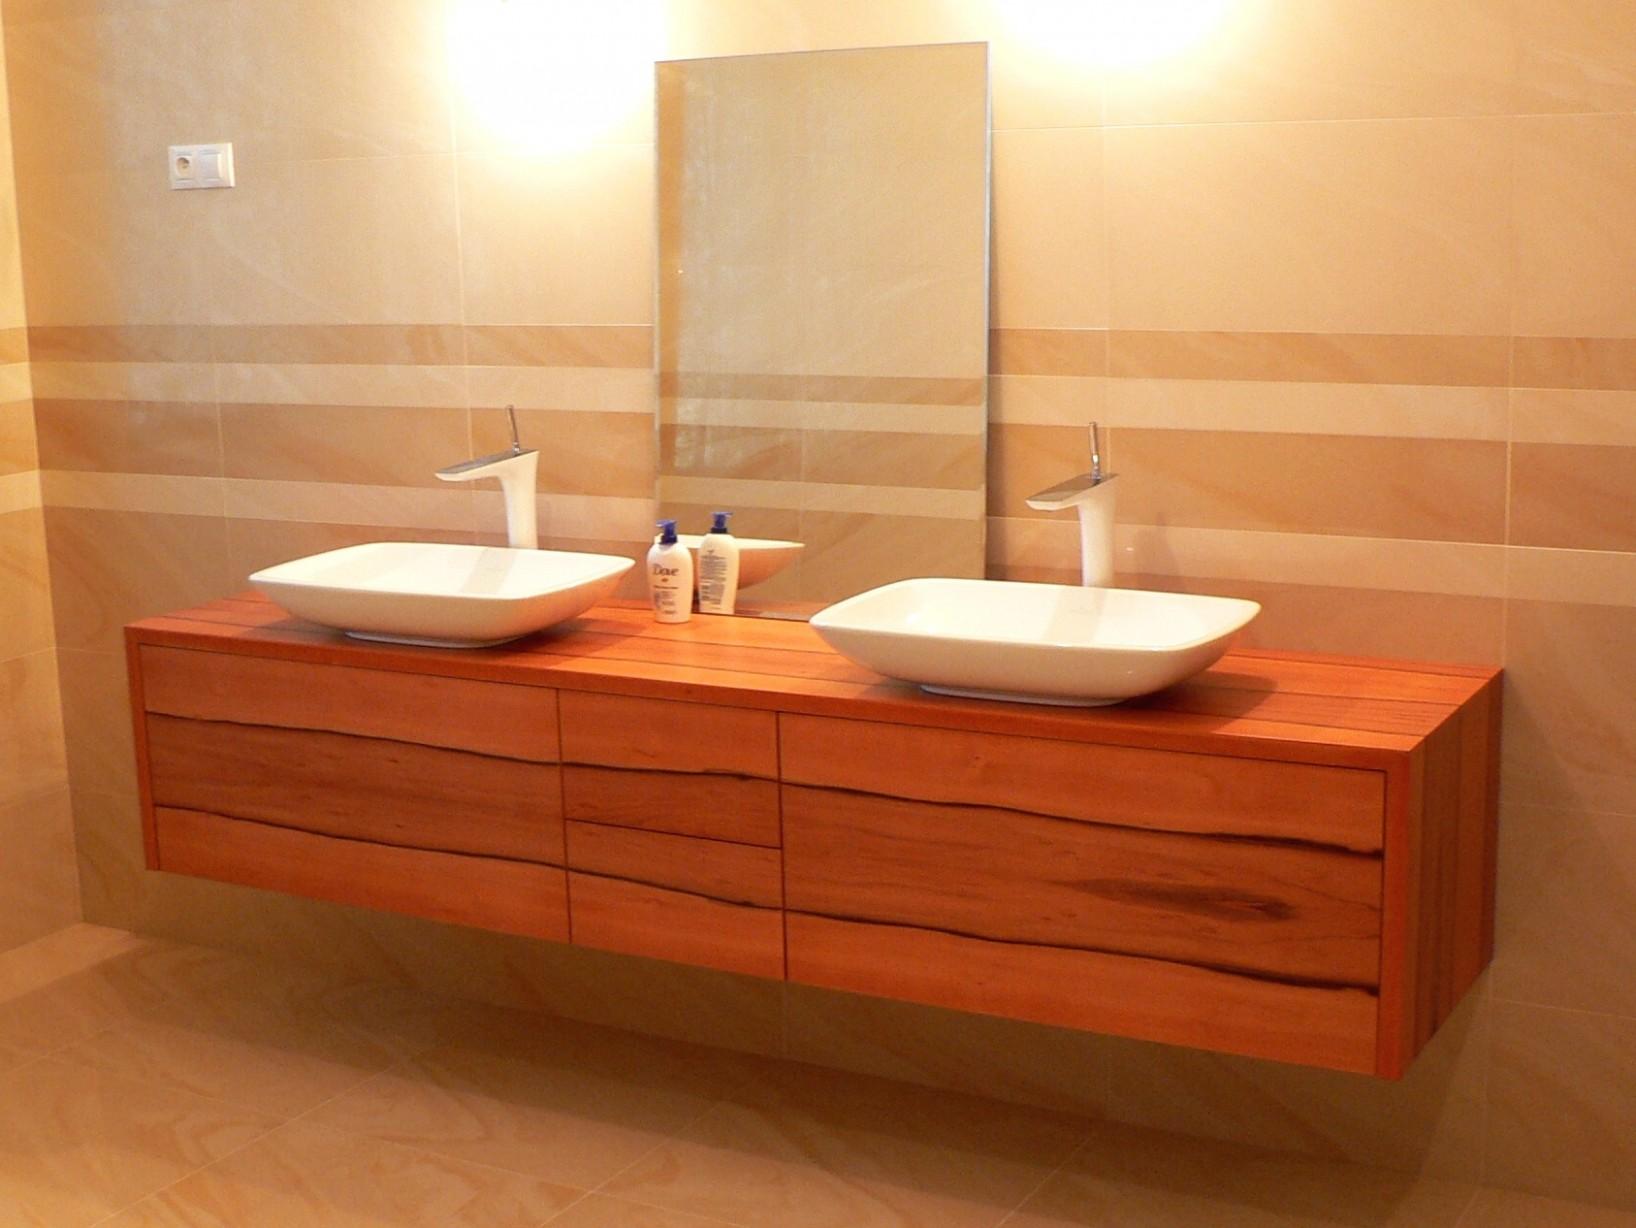 Relaxacni zidle: Koupelnovy nabytek brno restaurants